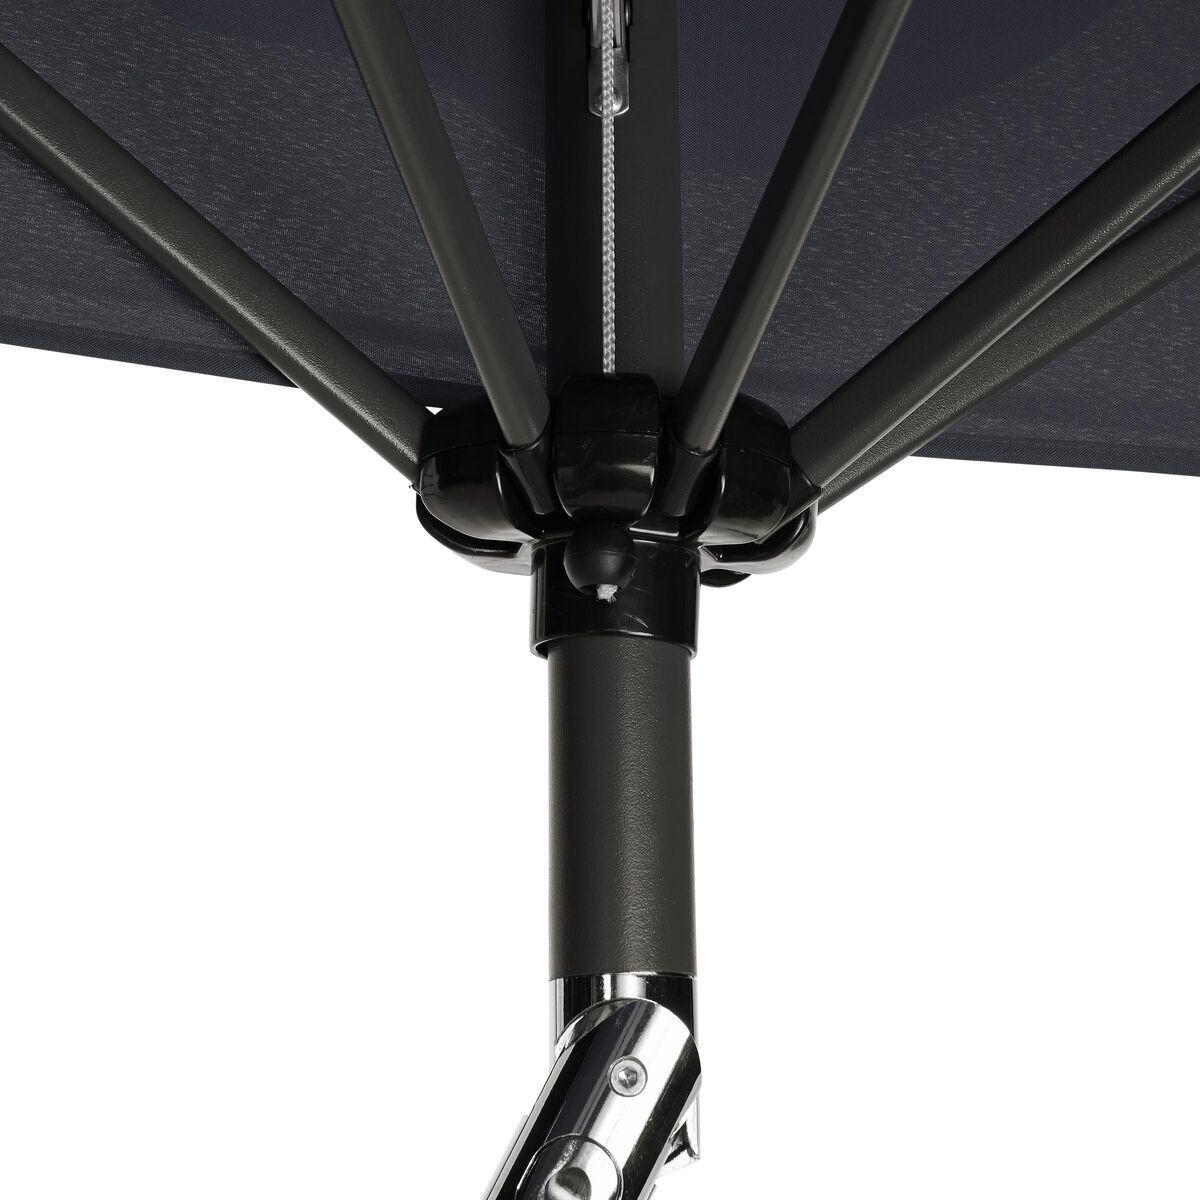 Bild 5 von SIESTA Sonnenschirm mit Kurbel